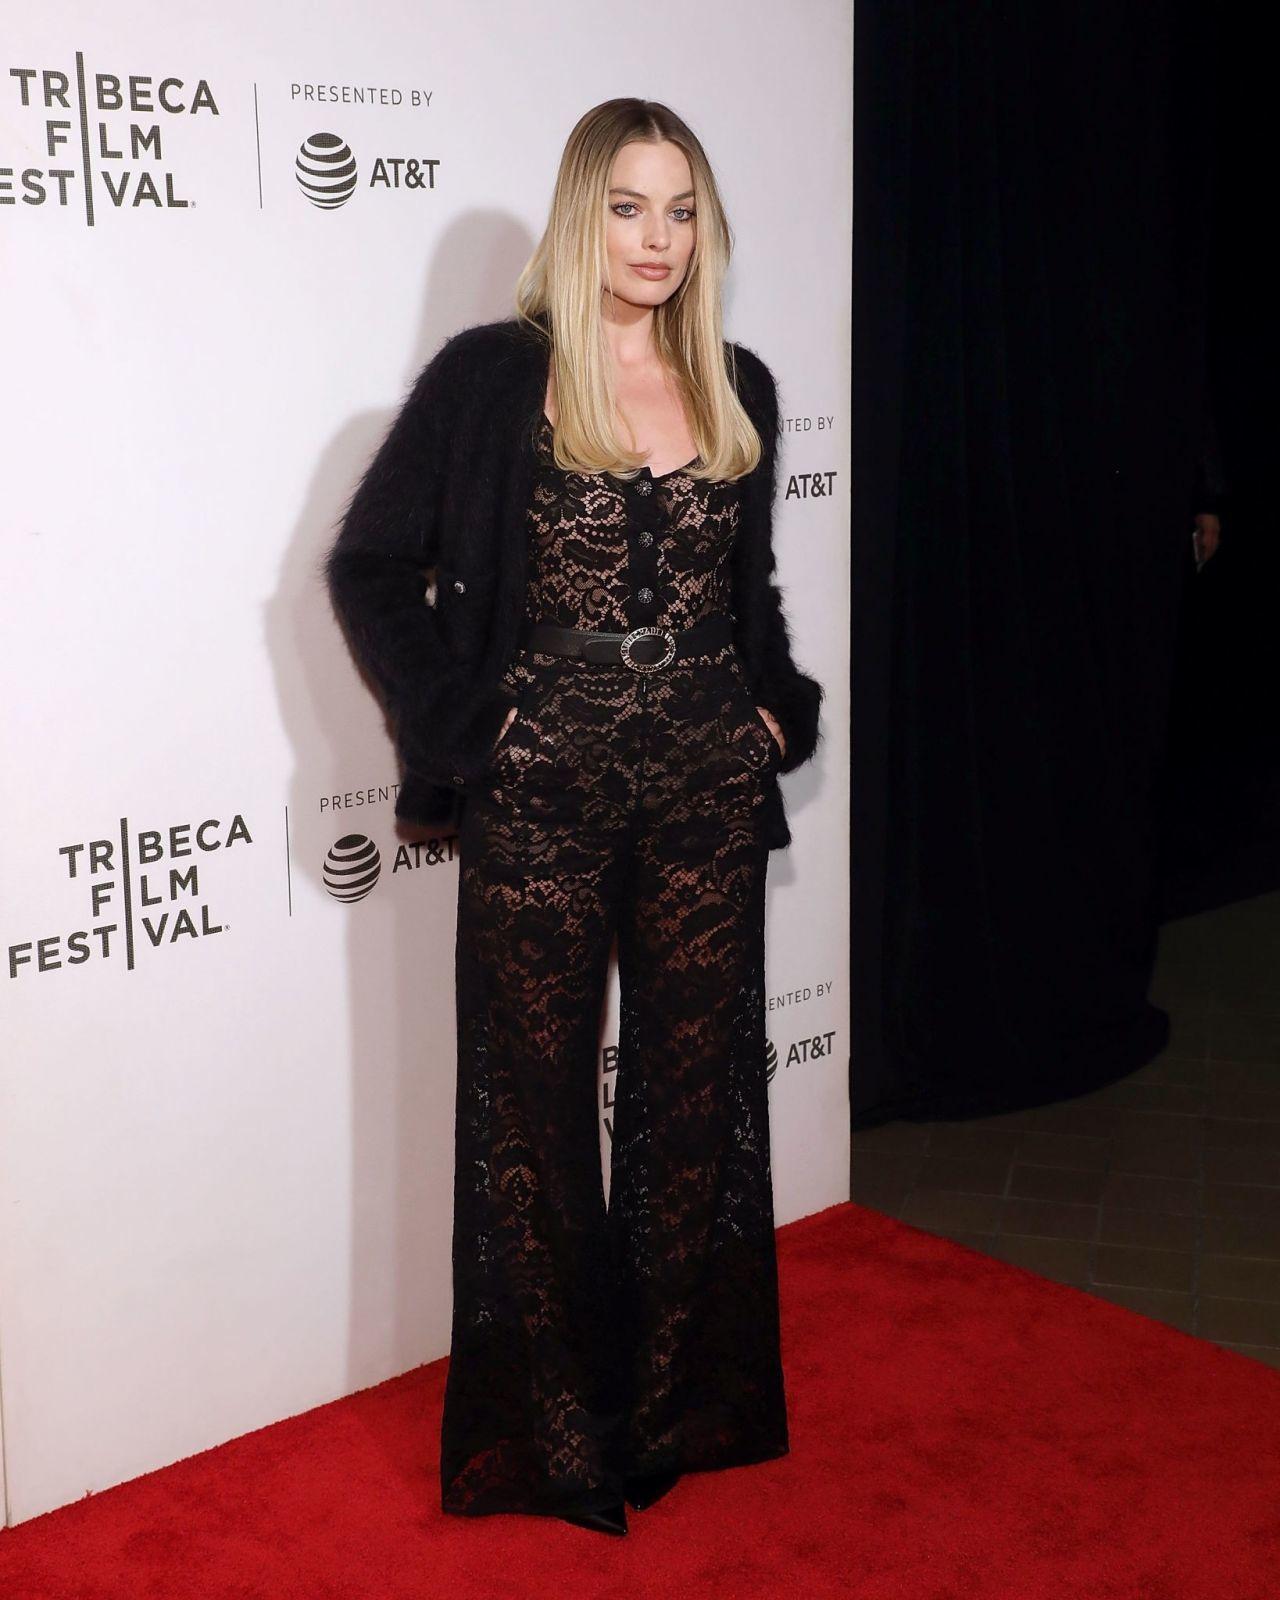 瑪格羅比穿香奈兒今年秋季的黑色連身褲配外套,滿滿的鏤空蕾絲非常性感浪漫。圖/摘自...